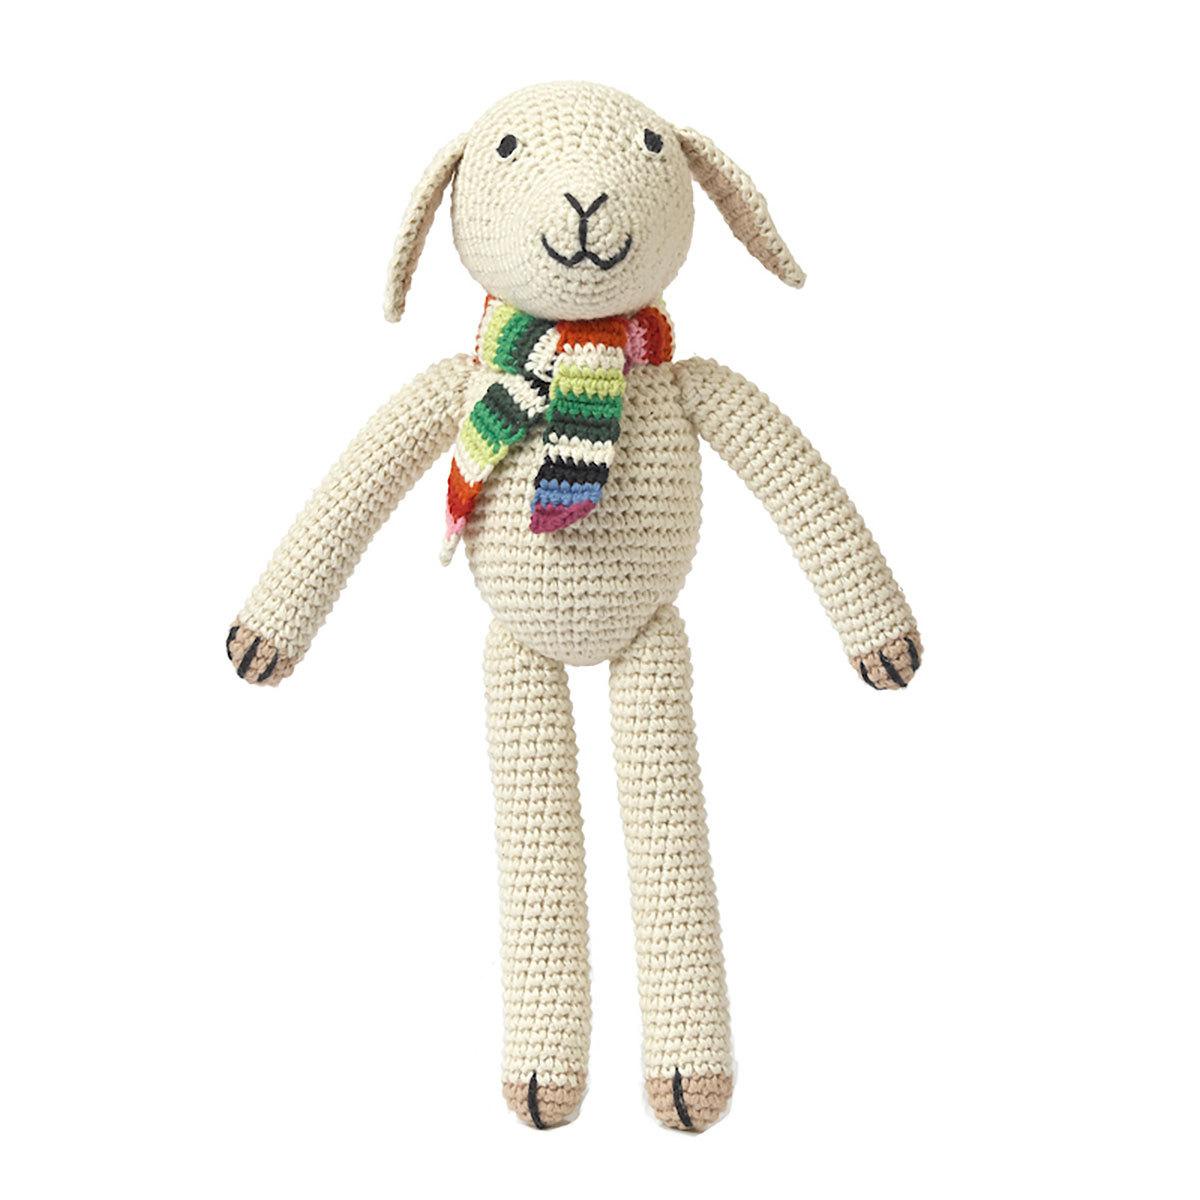 Peluche Mouton en Crochet - Nature Mouton en Crochet - Nature